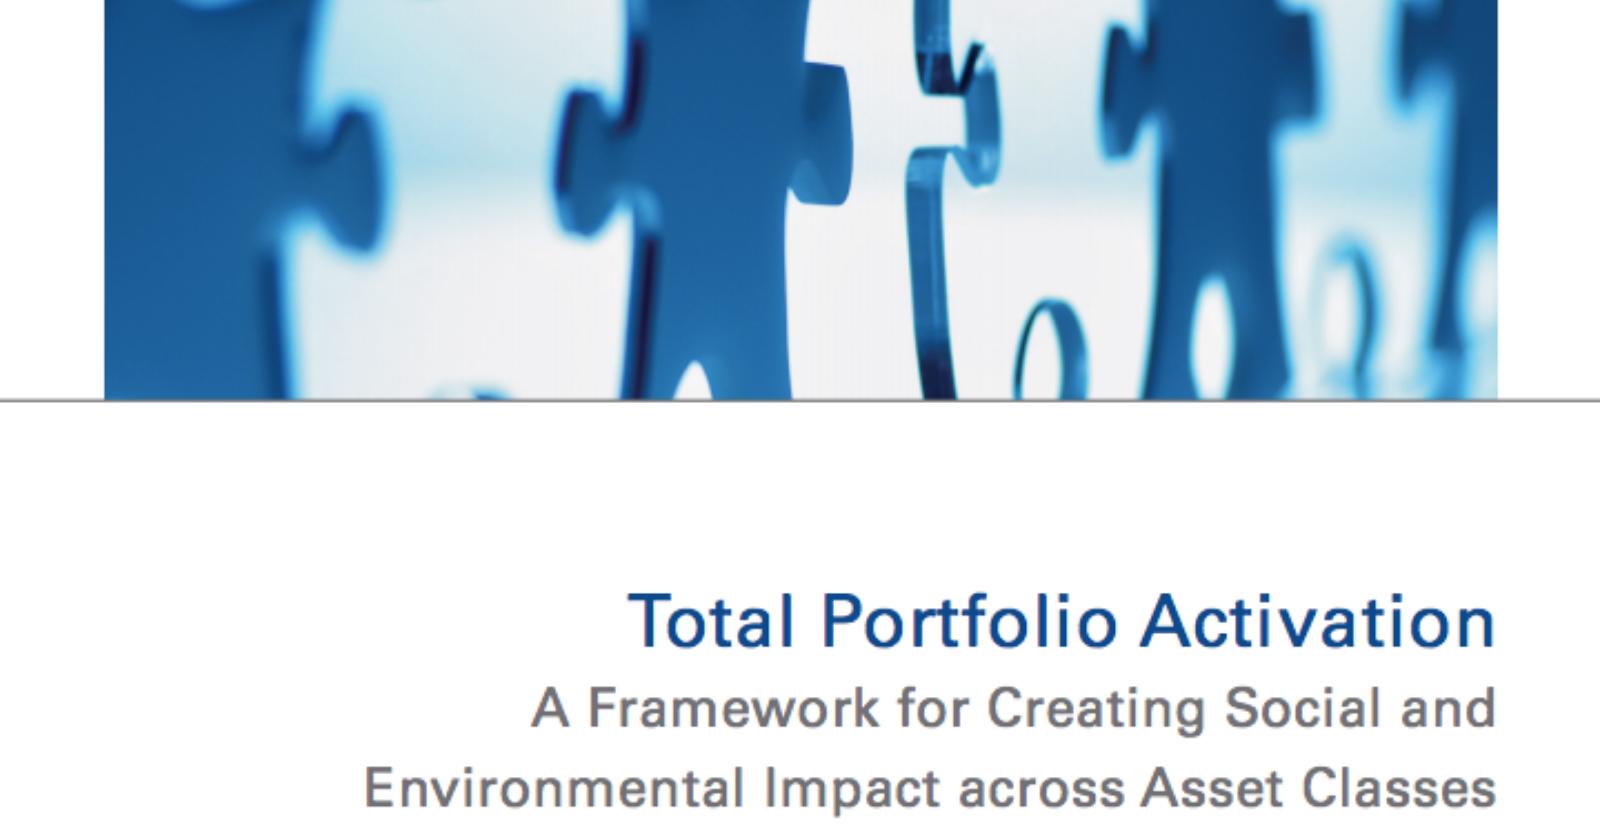 Total Portfolio Activation